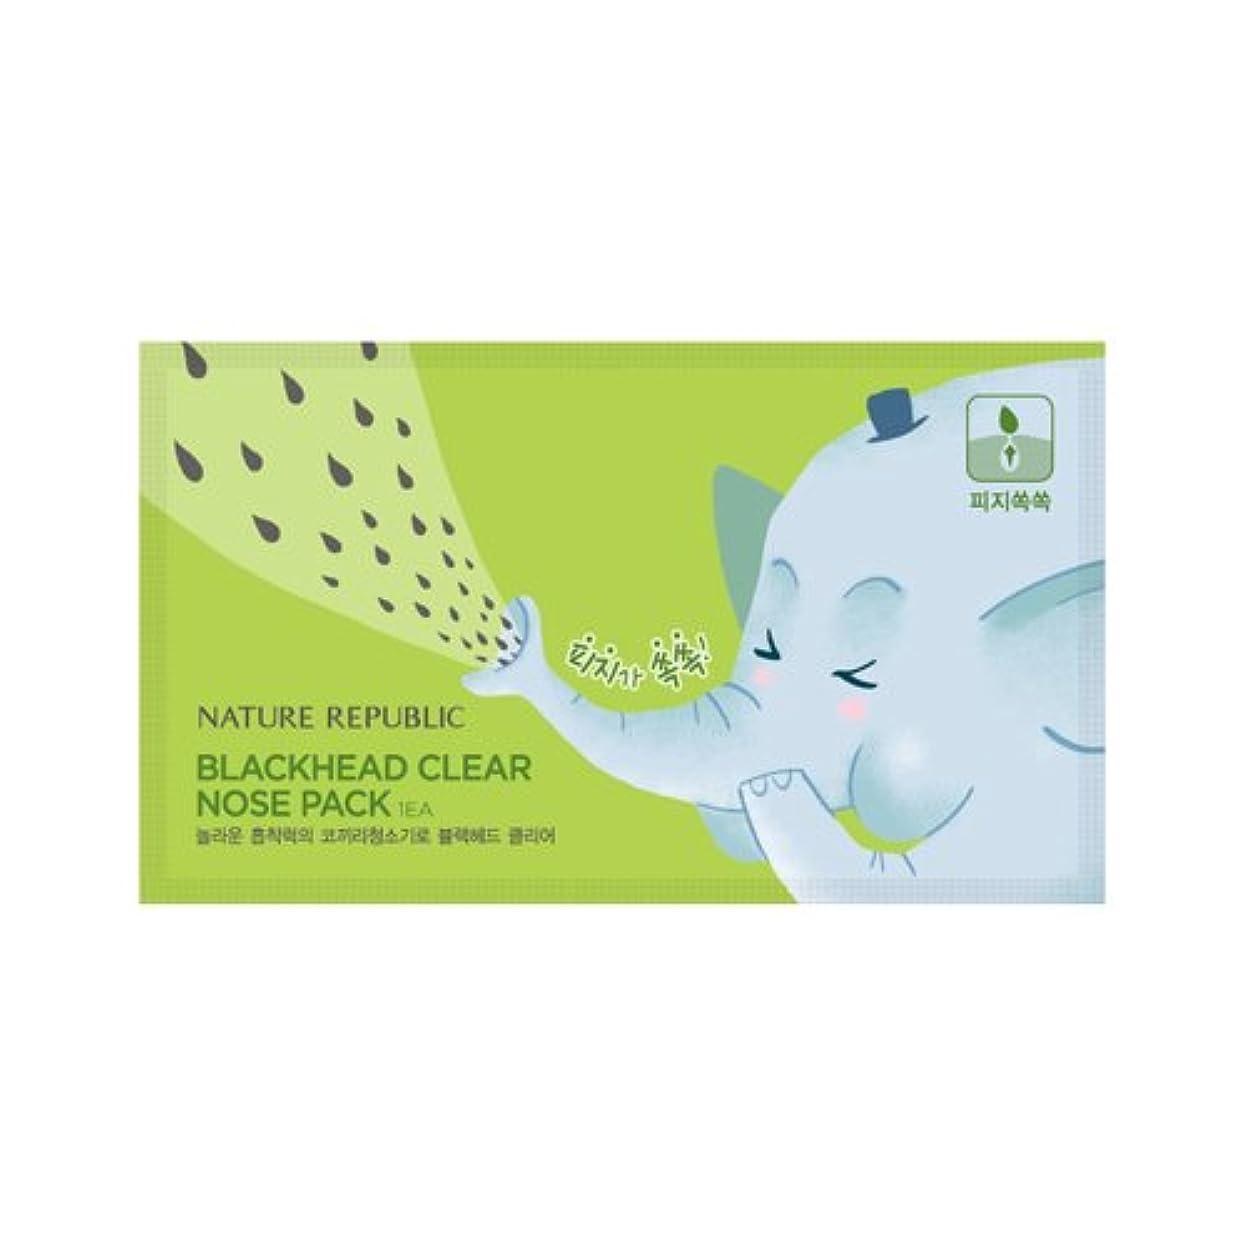 病院リンケージ所有者Nature Republic Black Head Clear Nose Pack [5ea] ネーチャーリパブリック ブラックヘッドクリア 鼻パック [5枚] [並行輸入品]